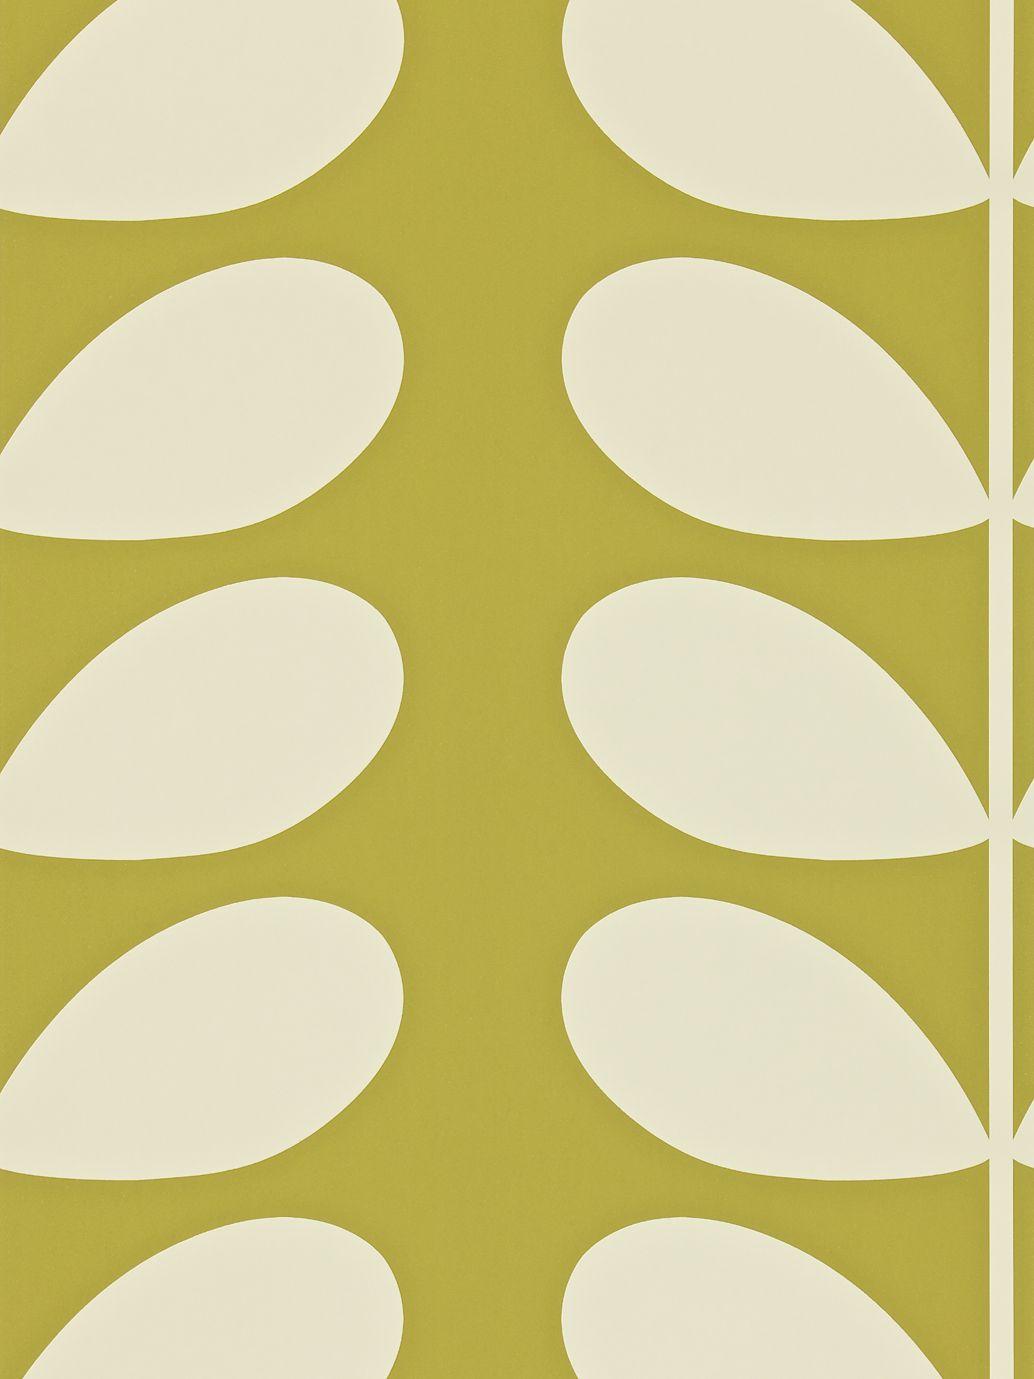 Orla Kiely House for Harlequin Orla Kiely House for Harlequin Giant Stem Wallpaper